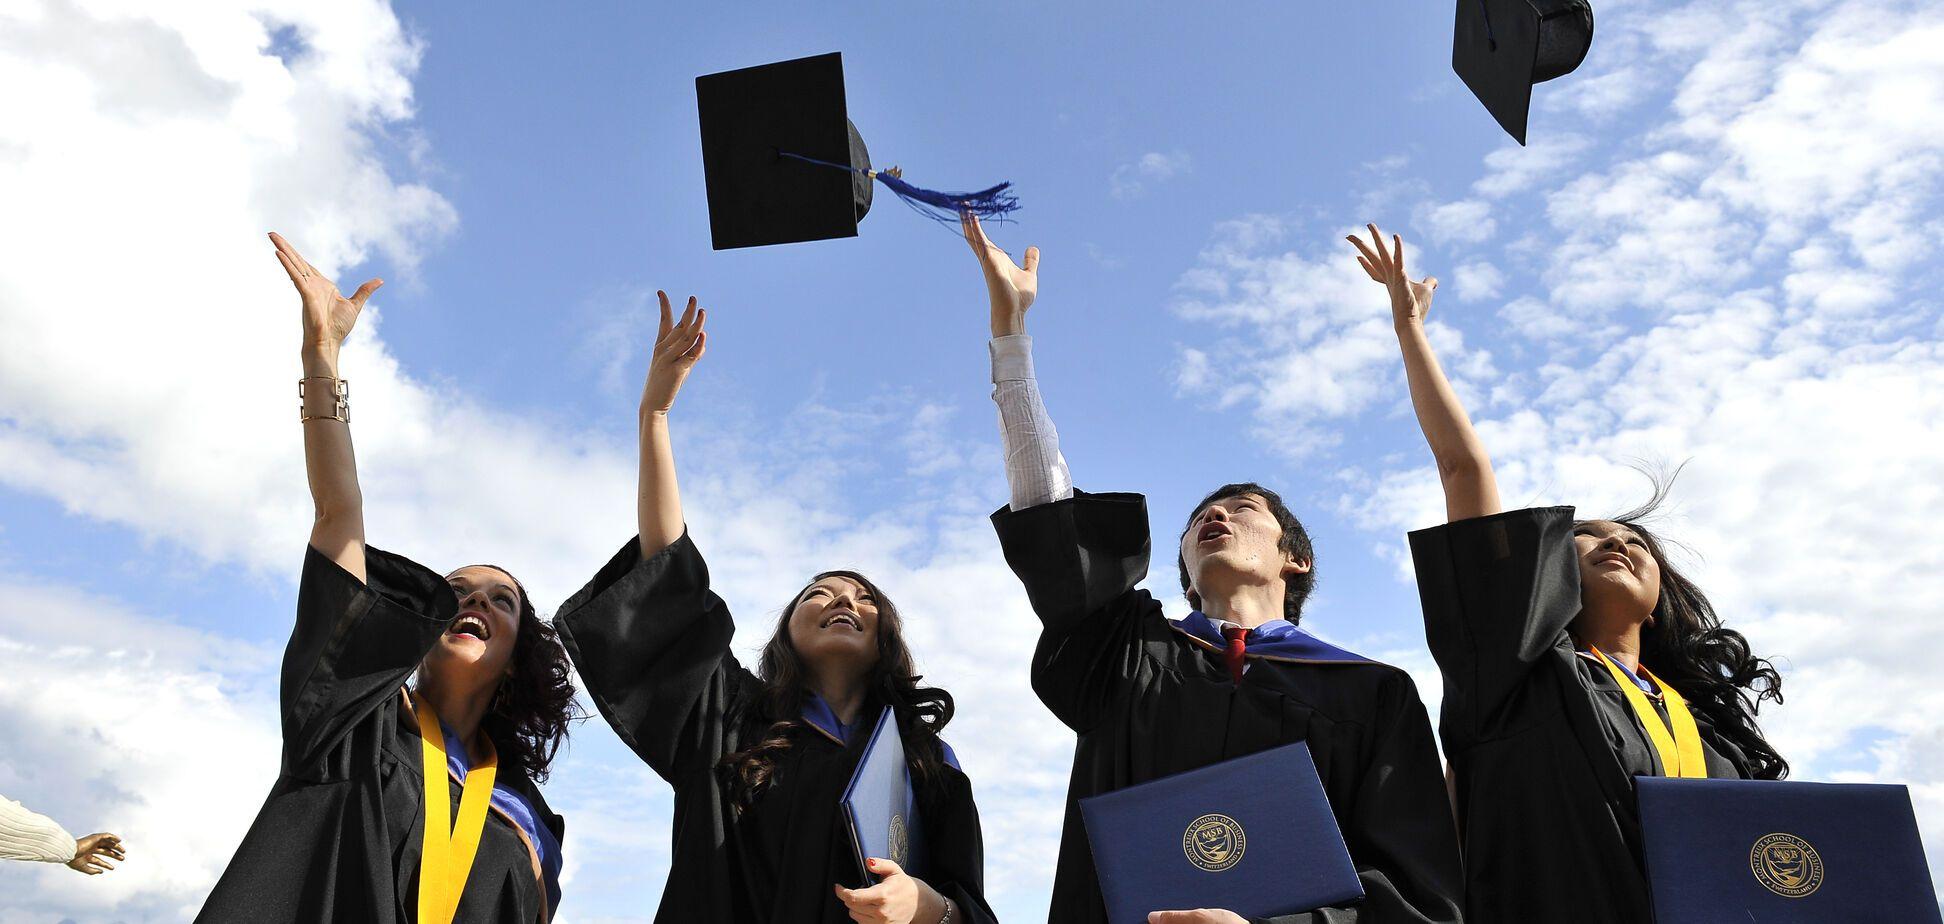 Профанация – вот вся суть высшего образования сегодня